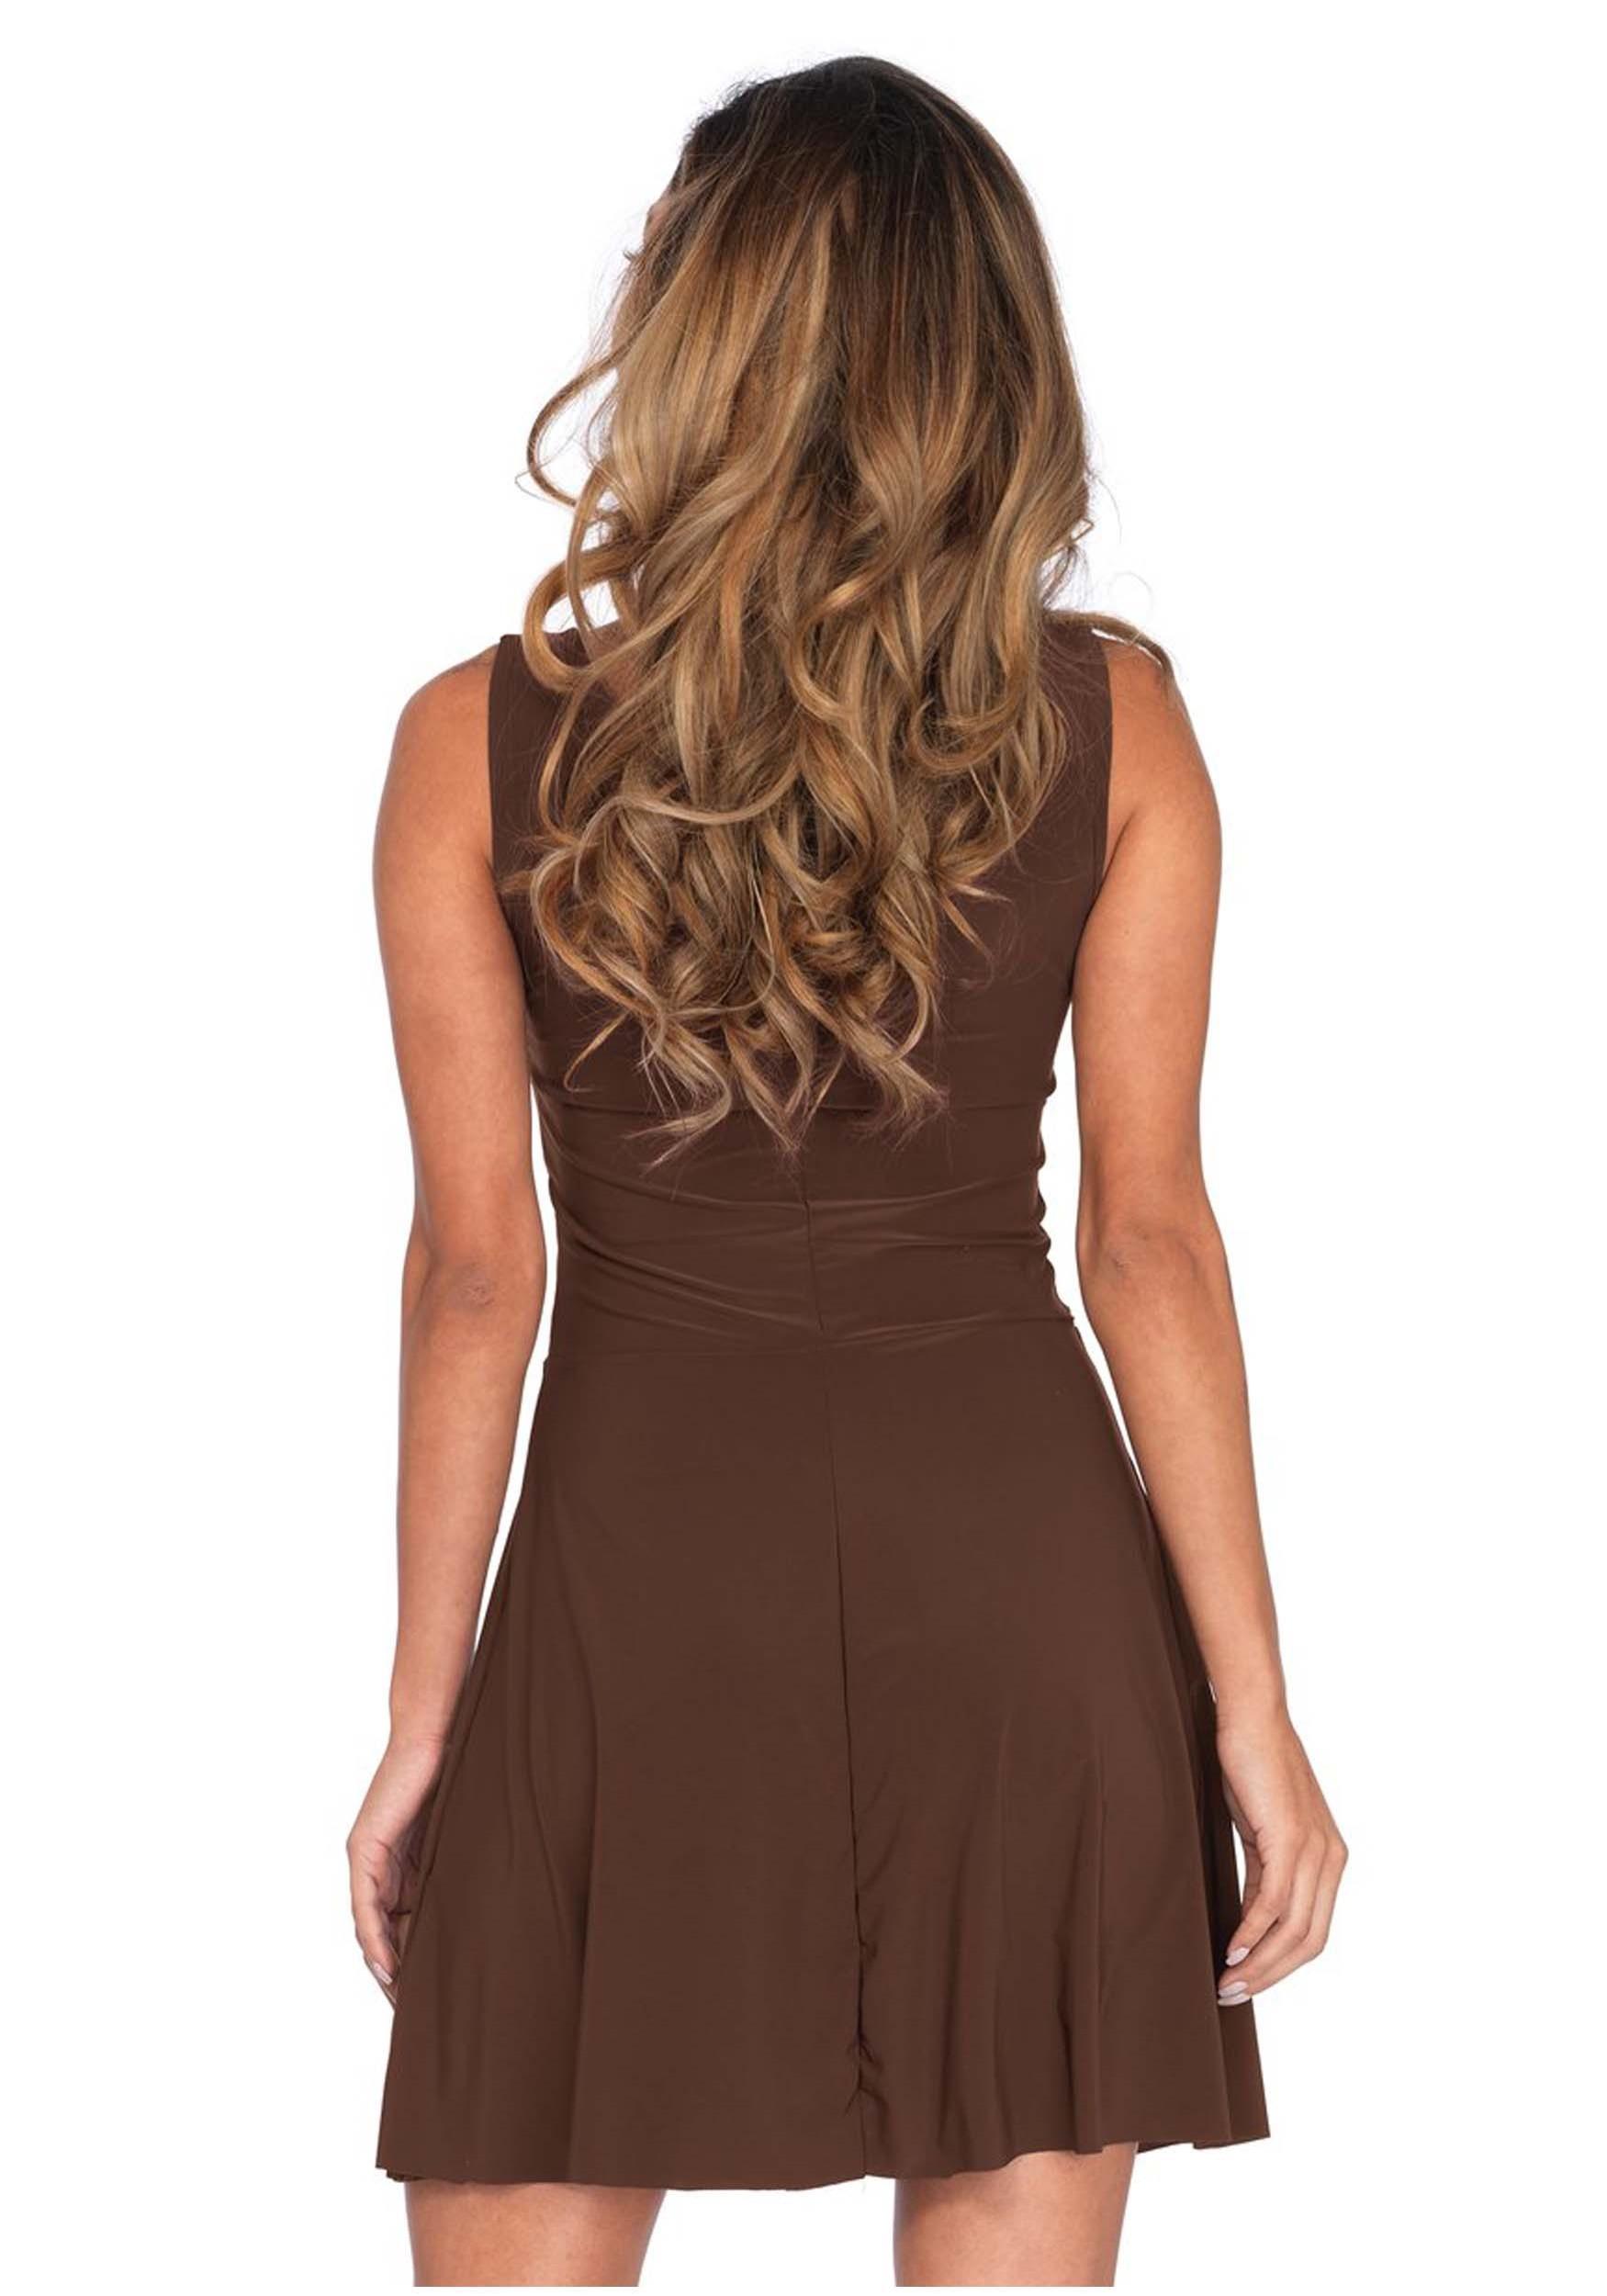 Basic Brown Skater Dress Costume for Women